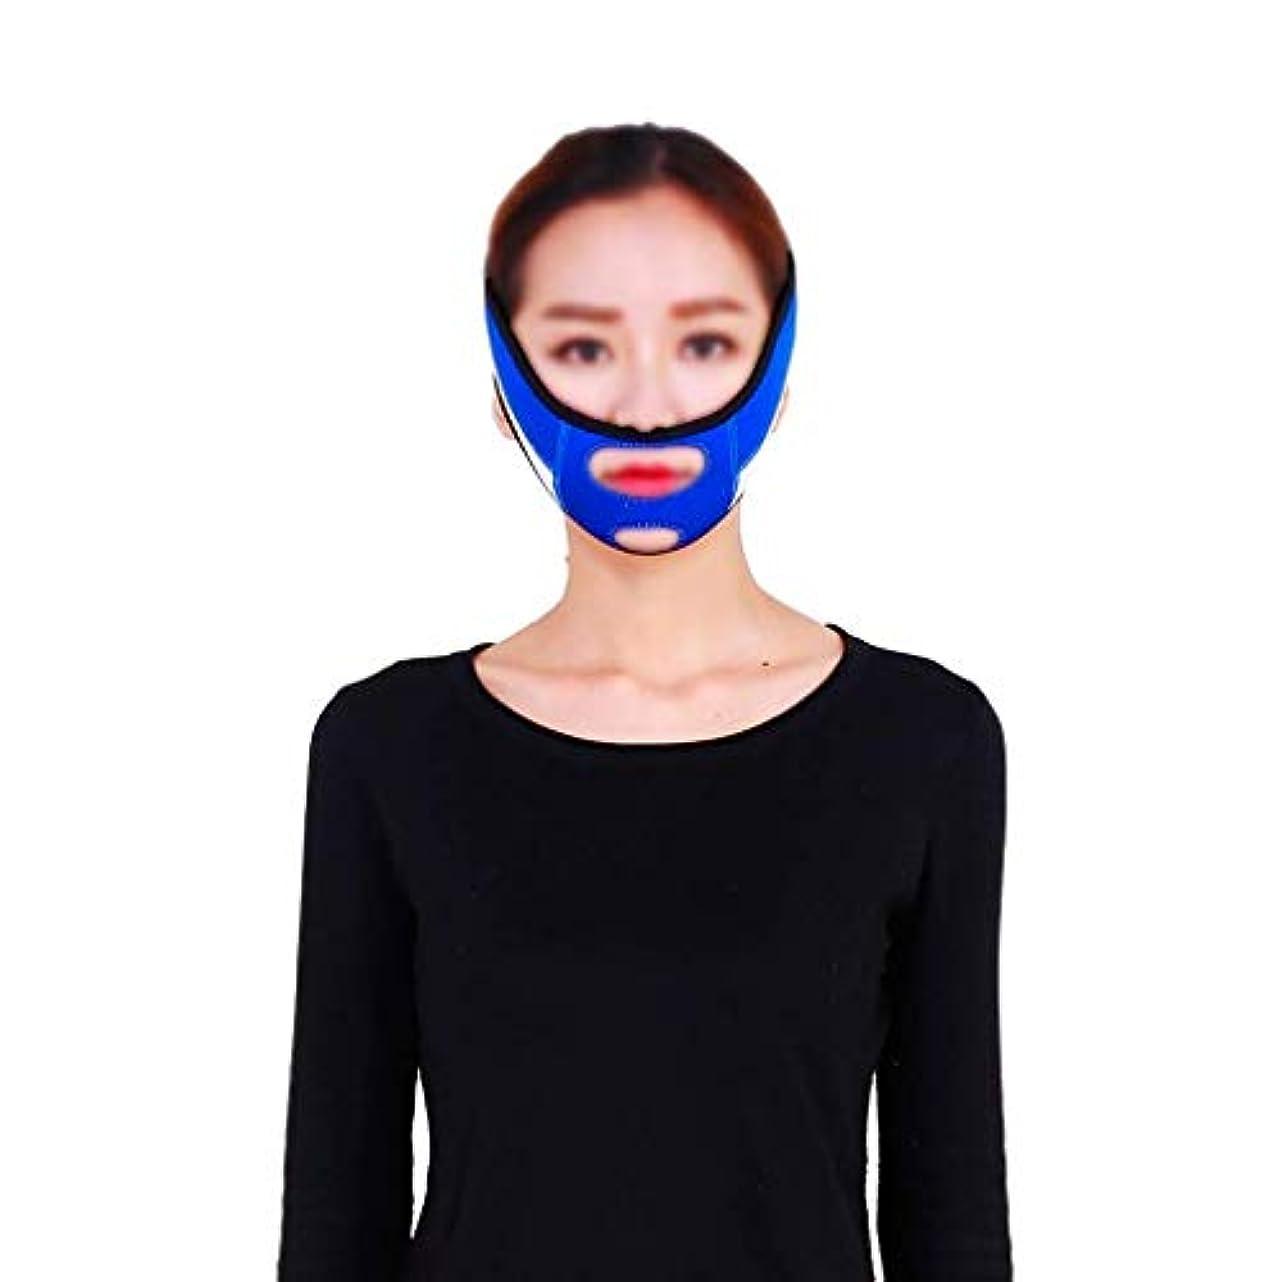 自分オアシスラブファーミングフェイスマスク、スモールVフェイスアーティファクトリフティングマスク、口を調整して垂れ下がった肌を縮小滑り止め弾性ストレッチ包帯